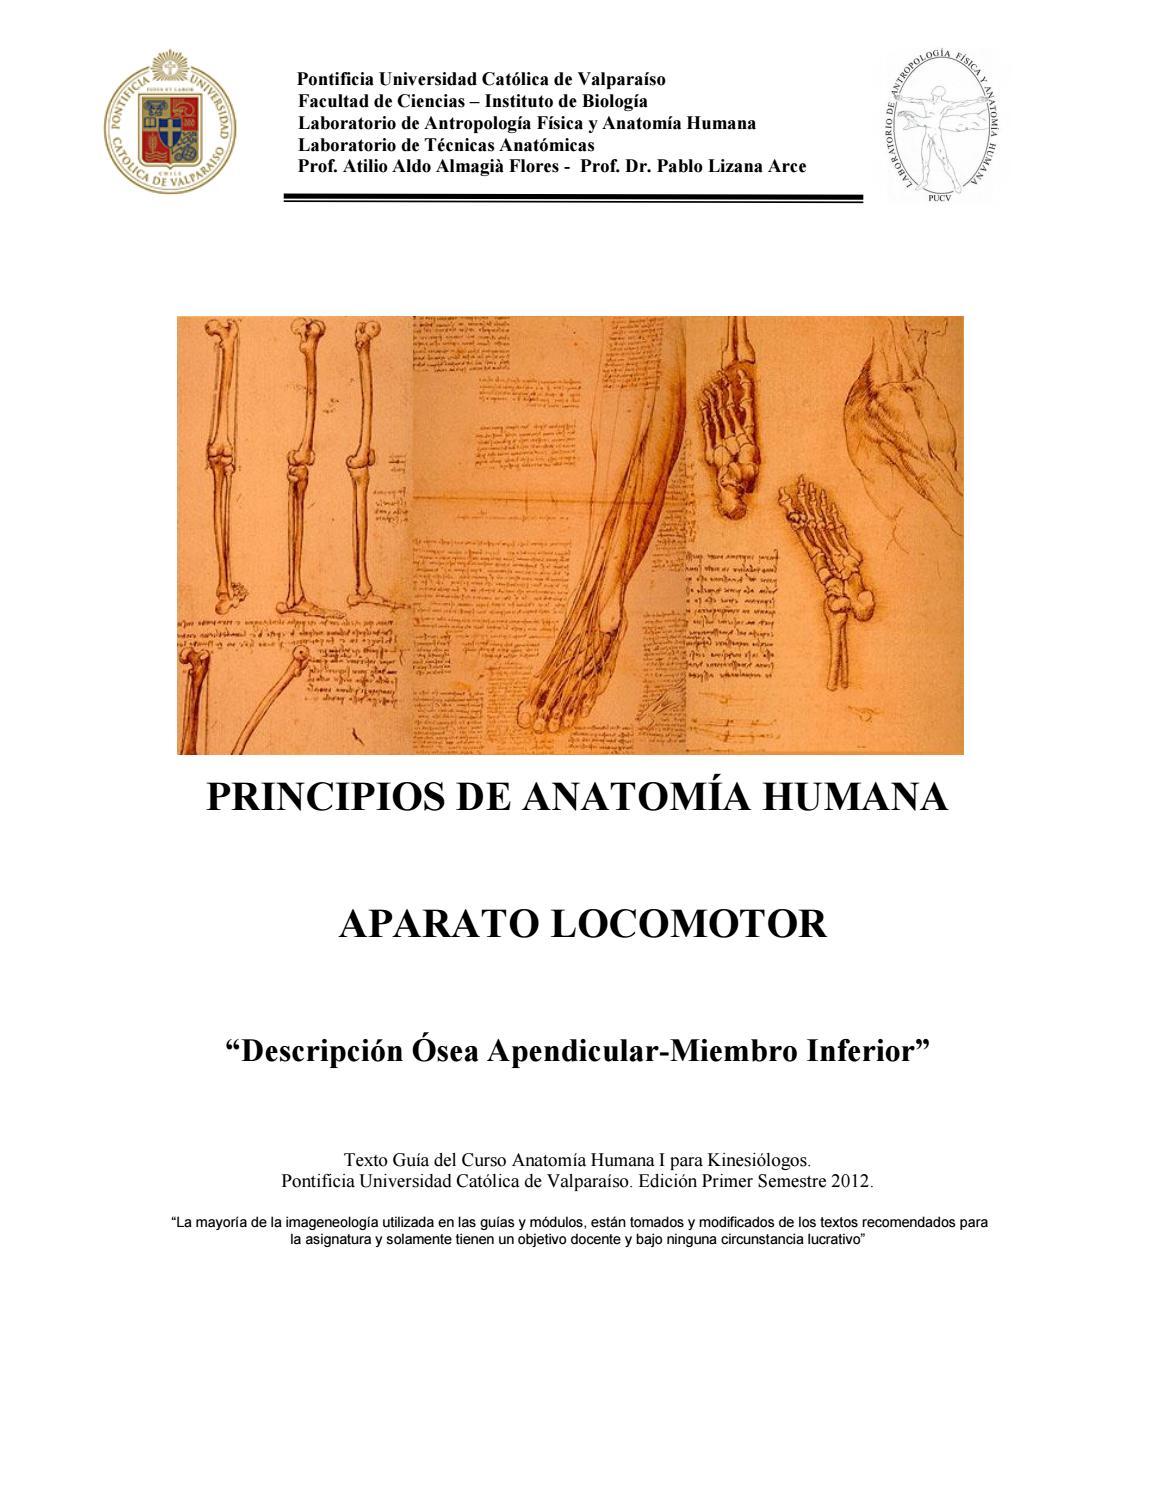 Osteologia miembro inferior kine 2012 by Lissy Féliz Vásquez - issuu